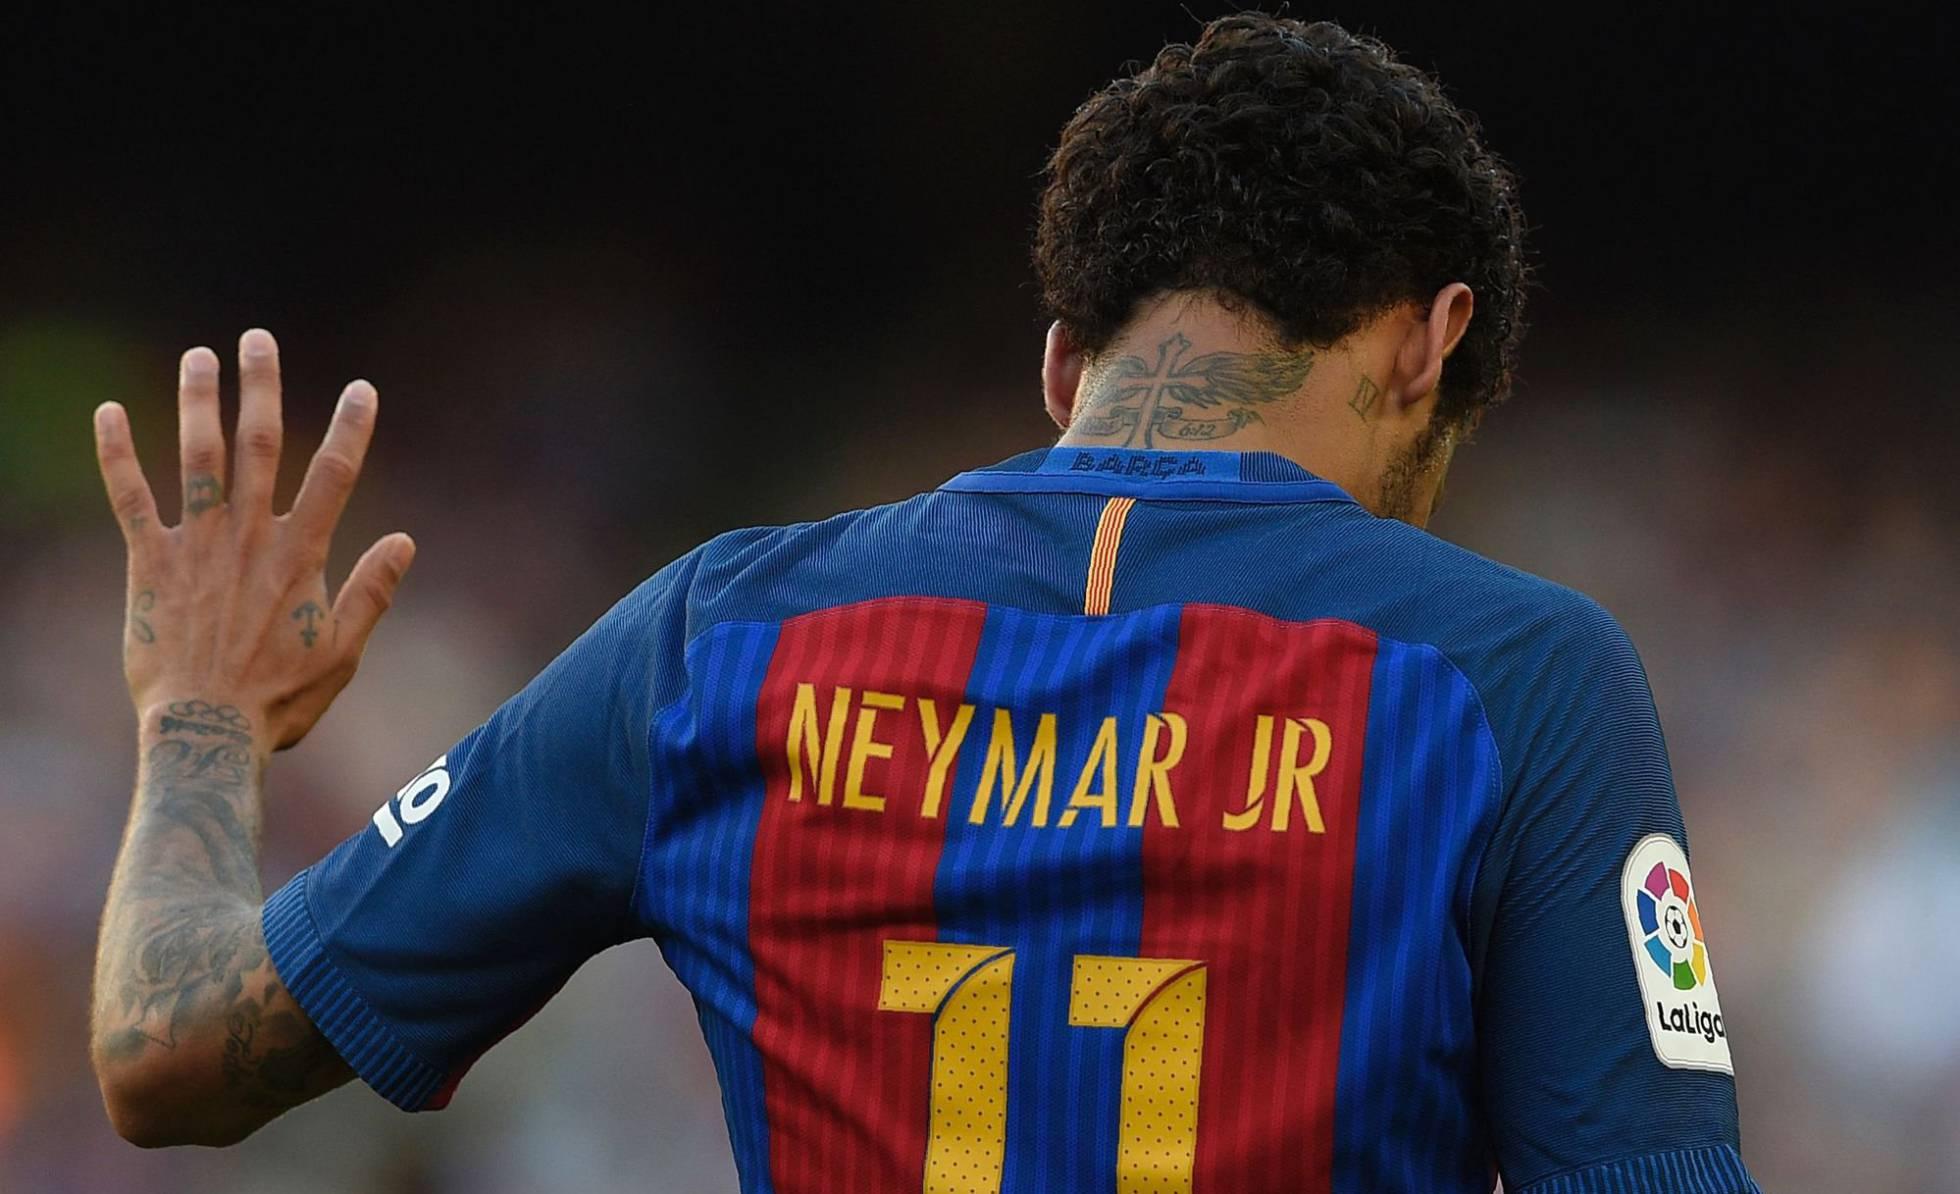 Liga Espanhola recusa pagamento dos 222 milhões de euros da cláusula de Neymar